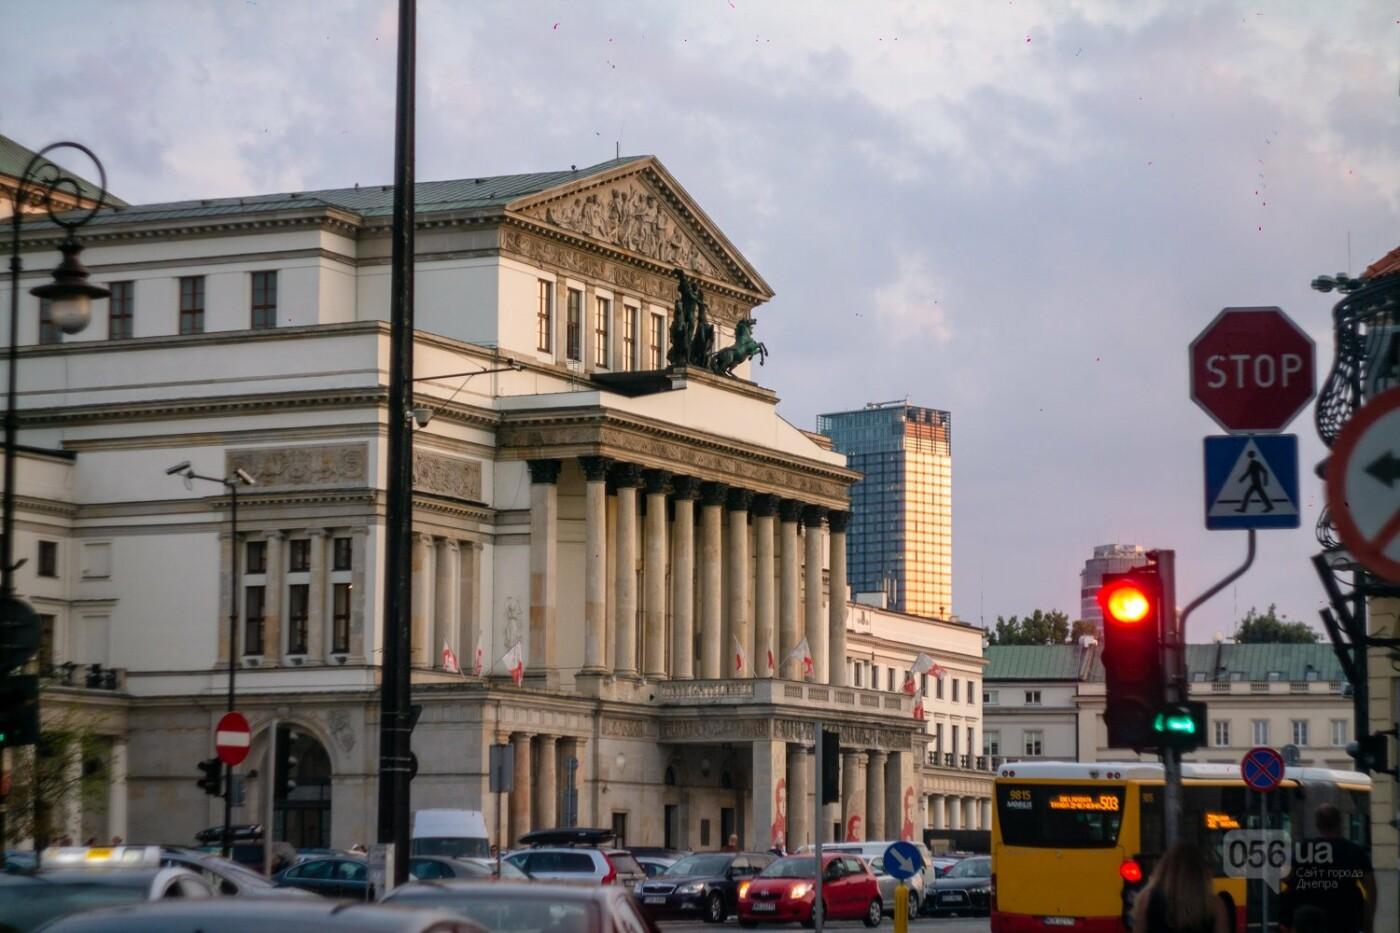 Волшебный Старый город, огромный зоопарк и сад на крыше: где жить, что есть и куда ходить в Варшаве, - ФОТО, фото-10